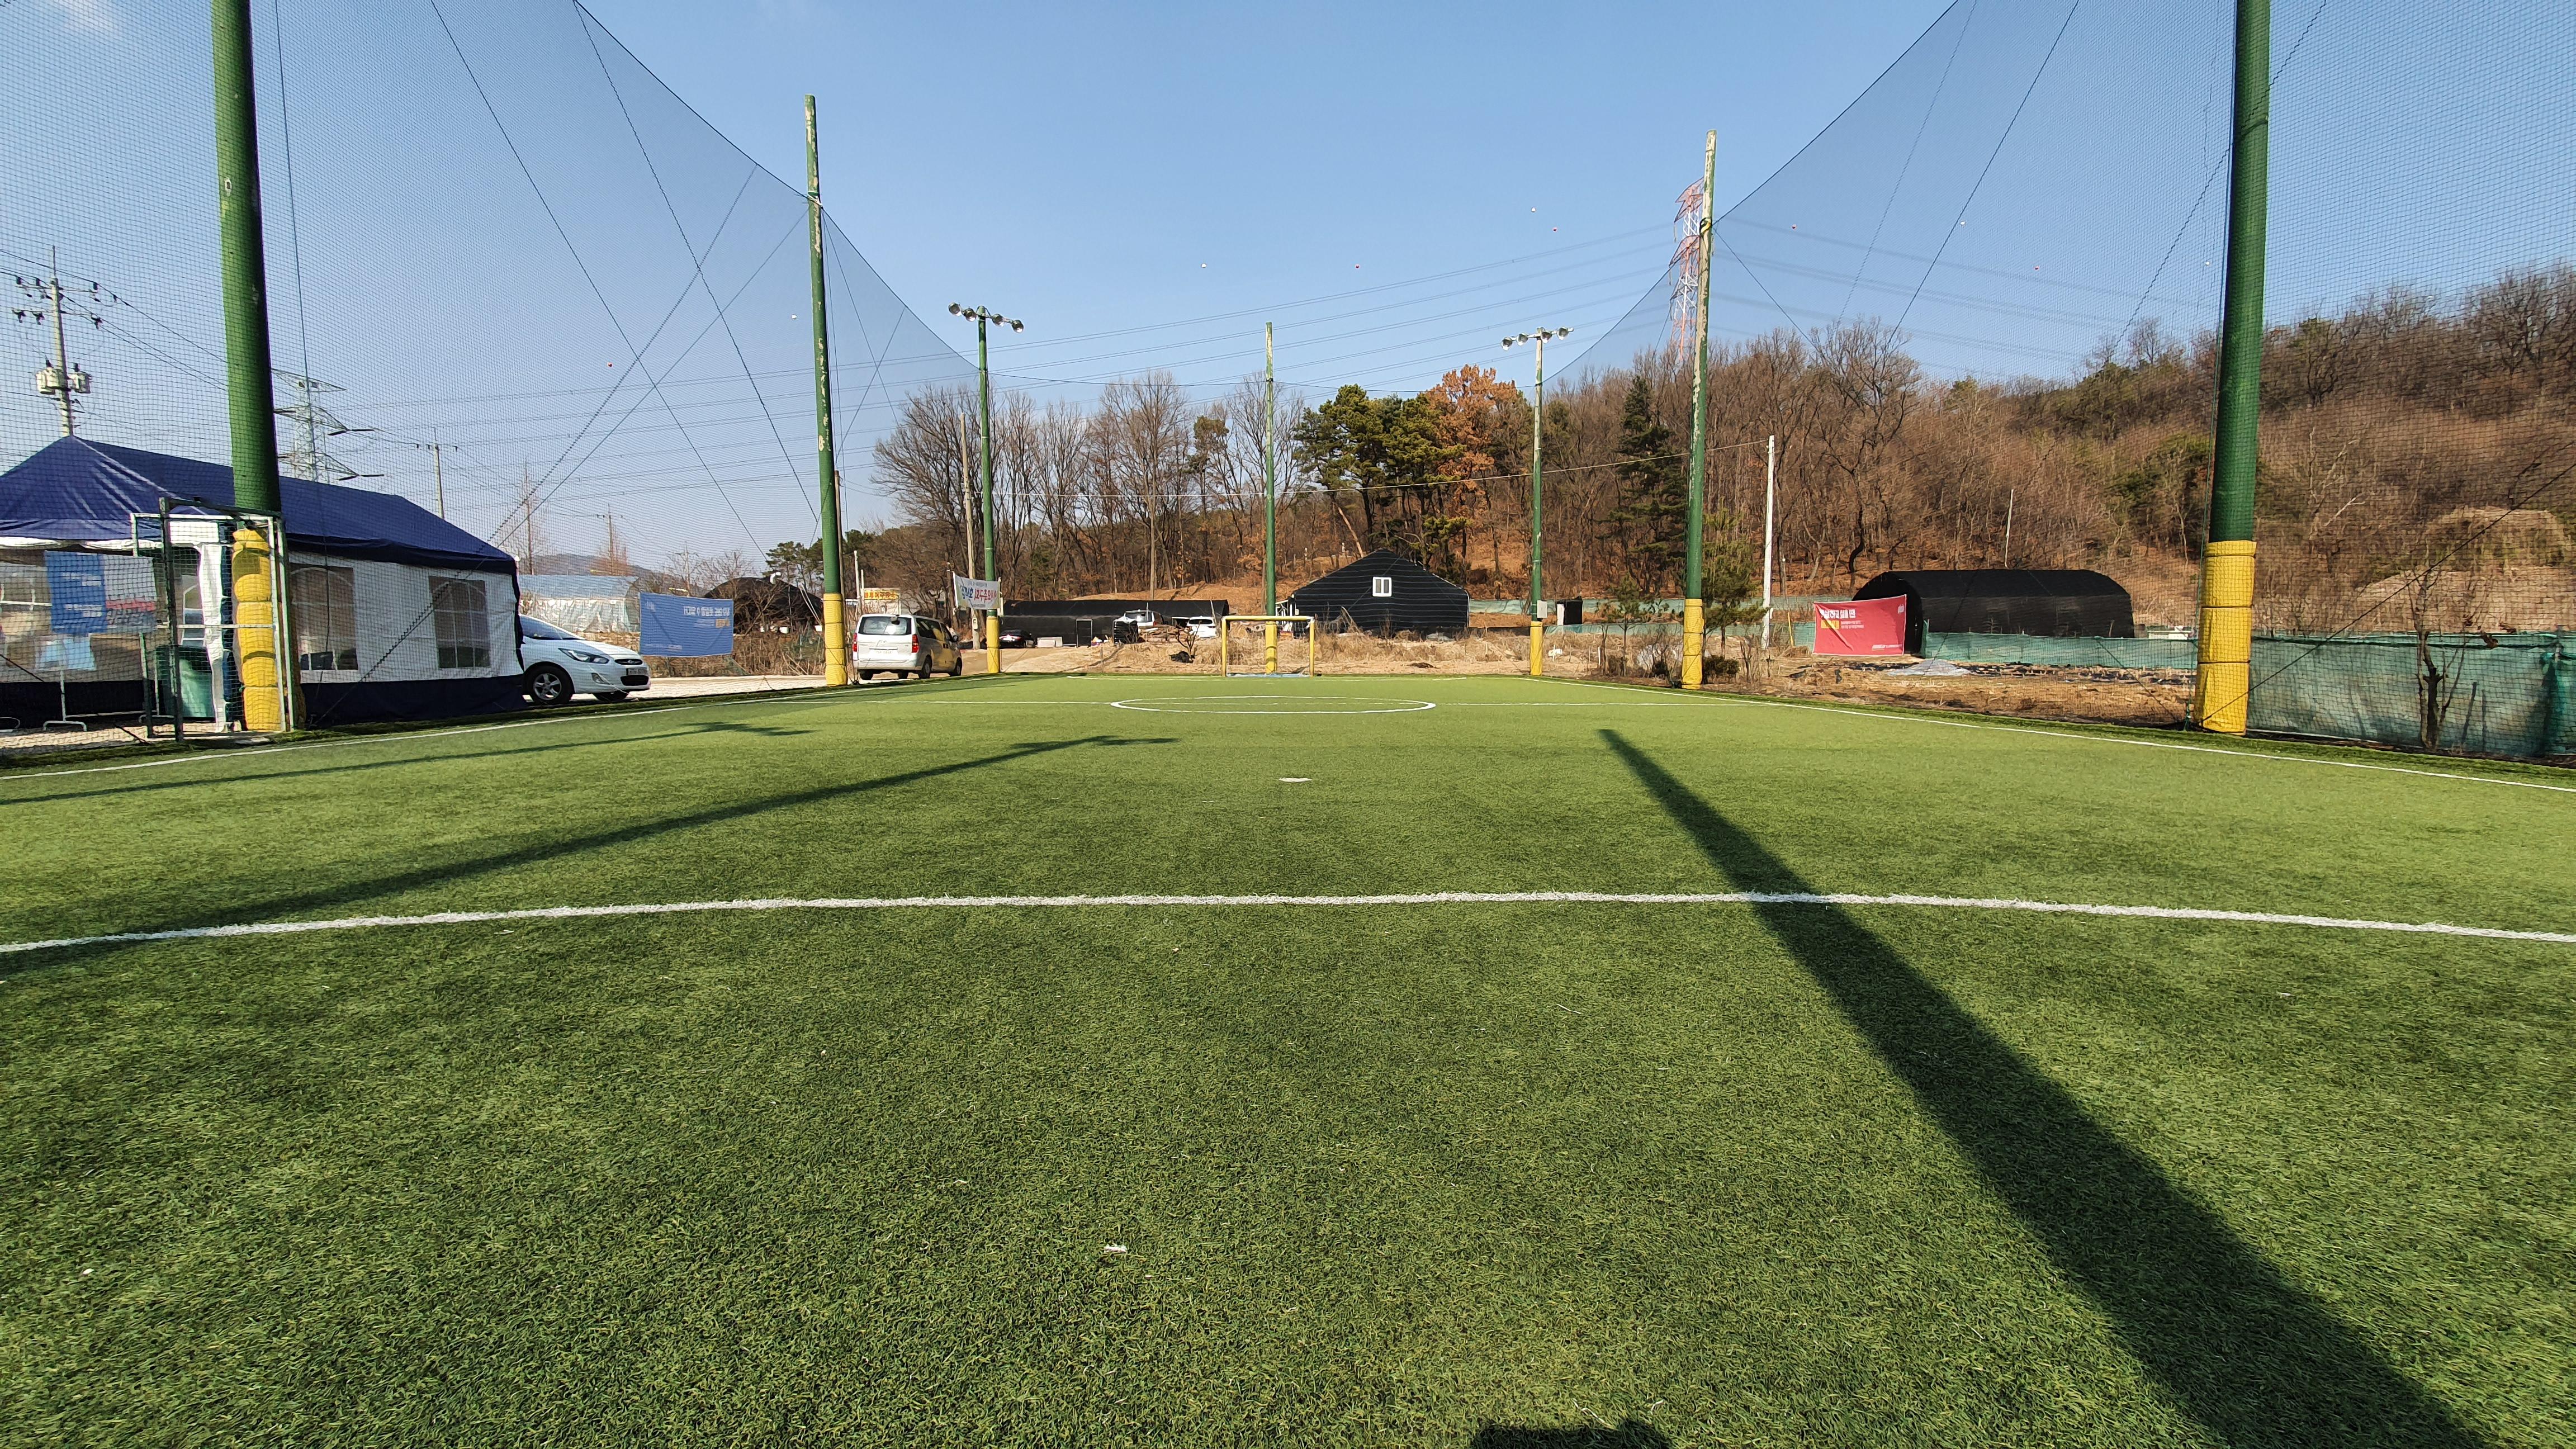 의정부 탄탄 축구클럽 1구장